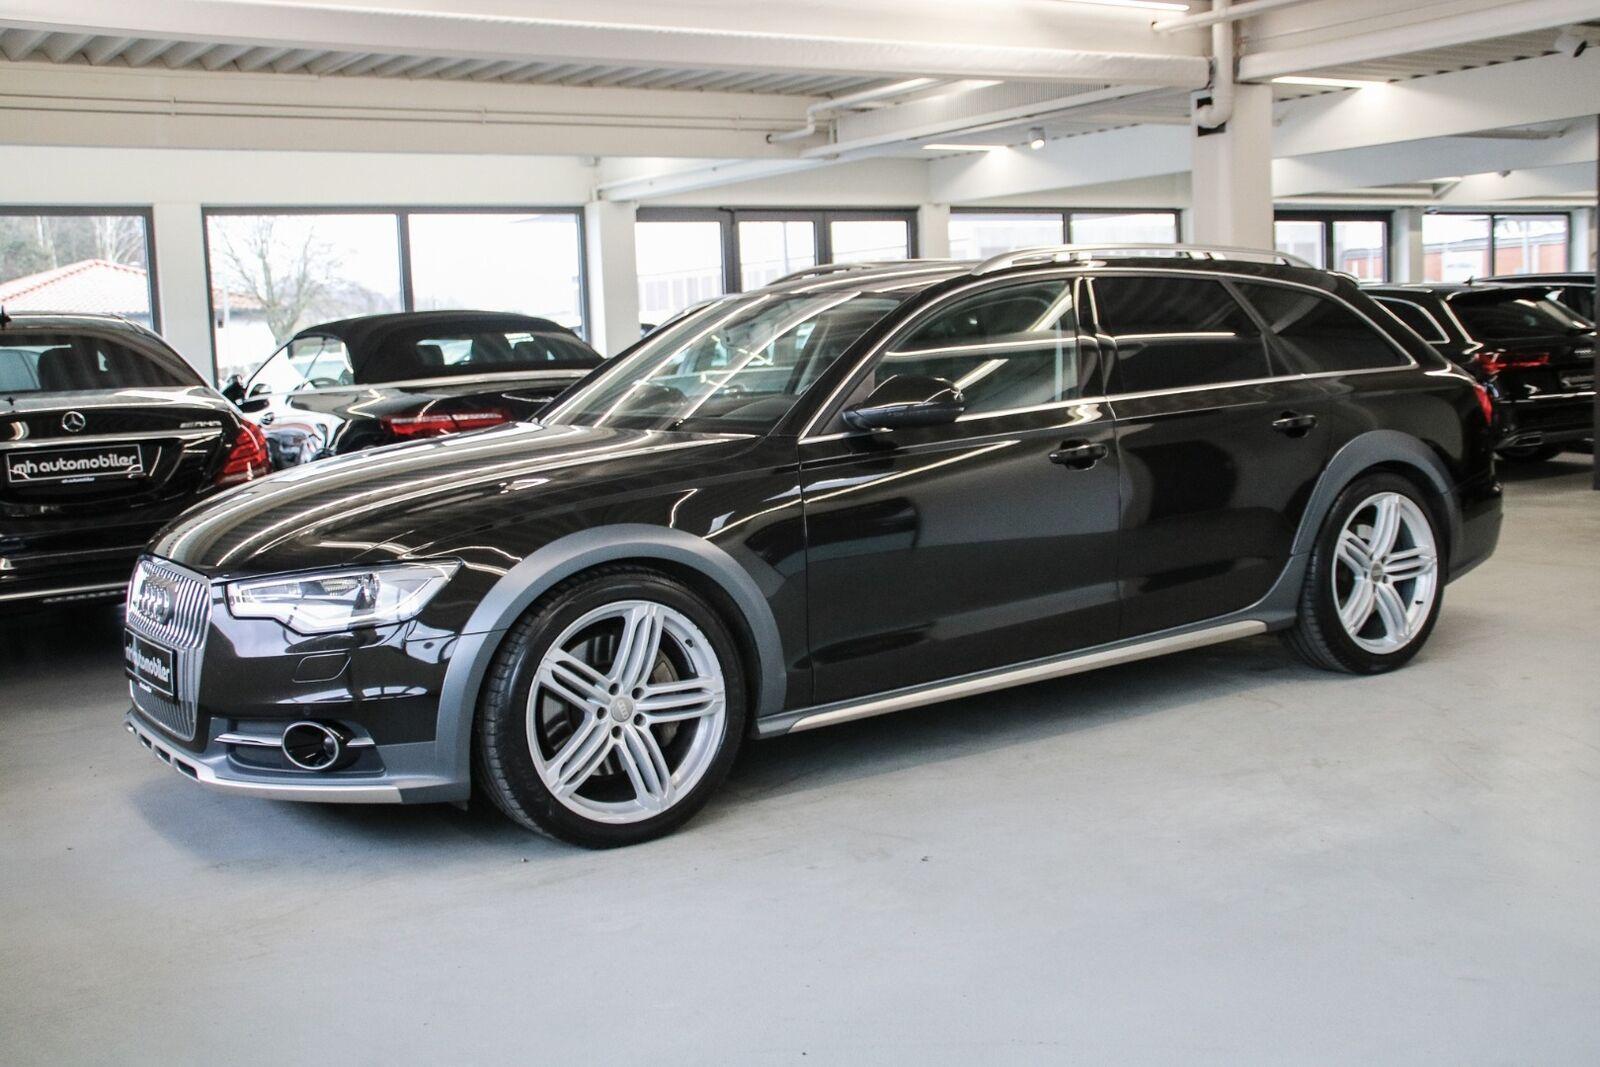 Audi A6 allroad 3,0 TDi 313 quattro Tiptr. 5d - 379.900 kr.